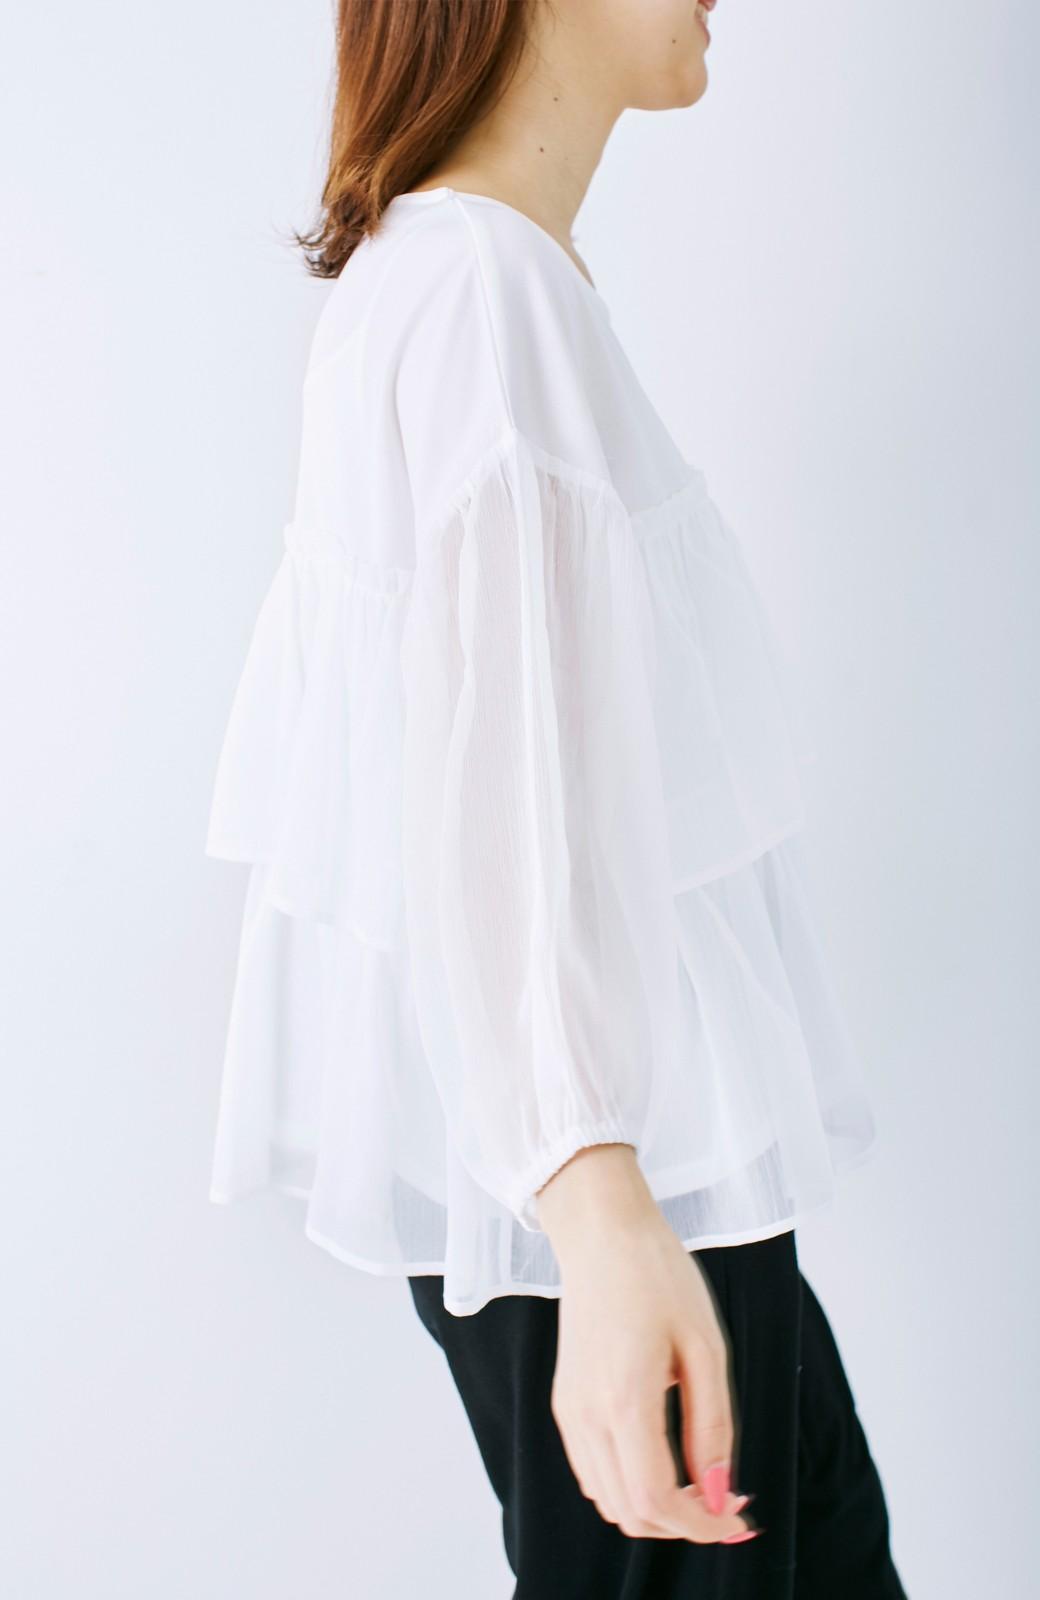 エムトロワ さらっと着られて女子気分があがる 異素材づかいのフリルトップス <ホワイト>の商品写真13